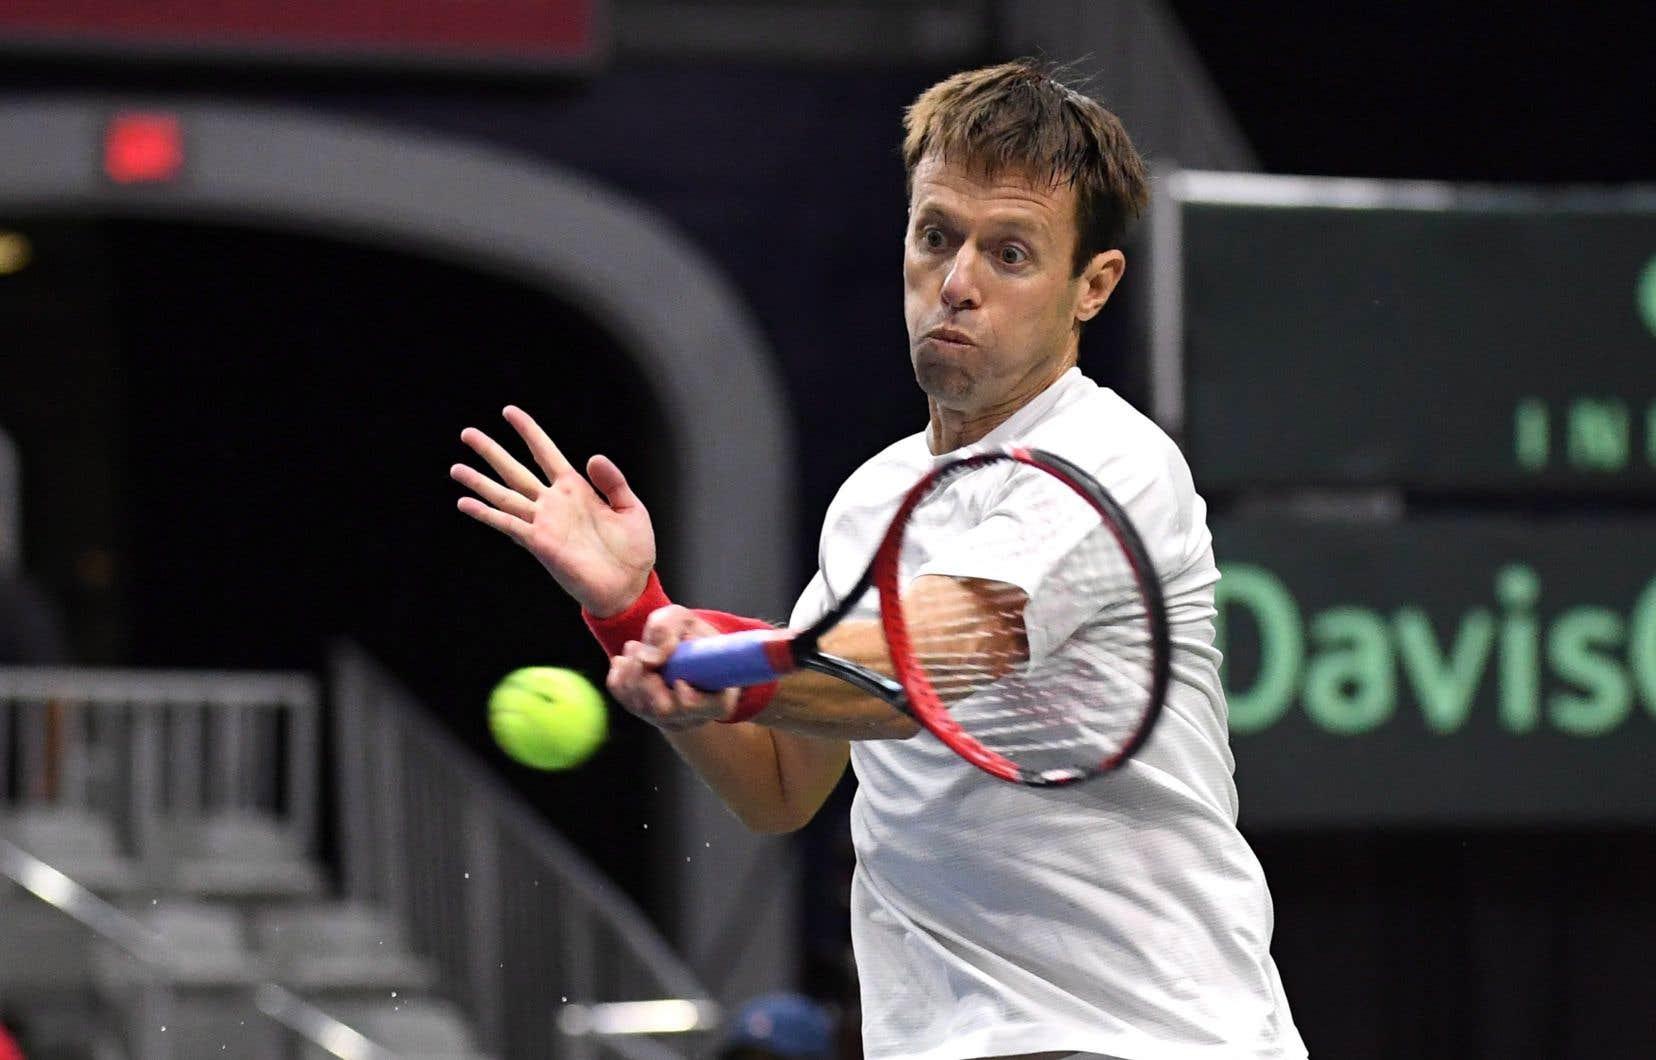 Âgé de 46ans, Nestor avait annoncé qu'il accrocherait sa raquette après son match de double.